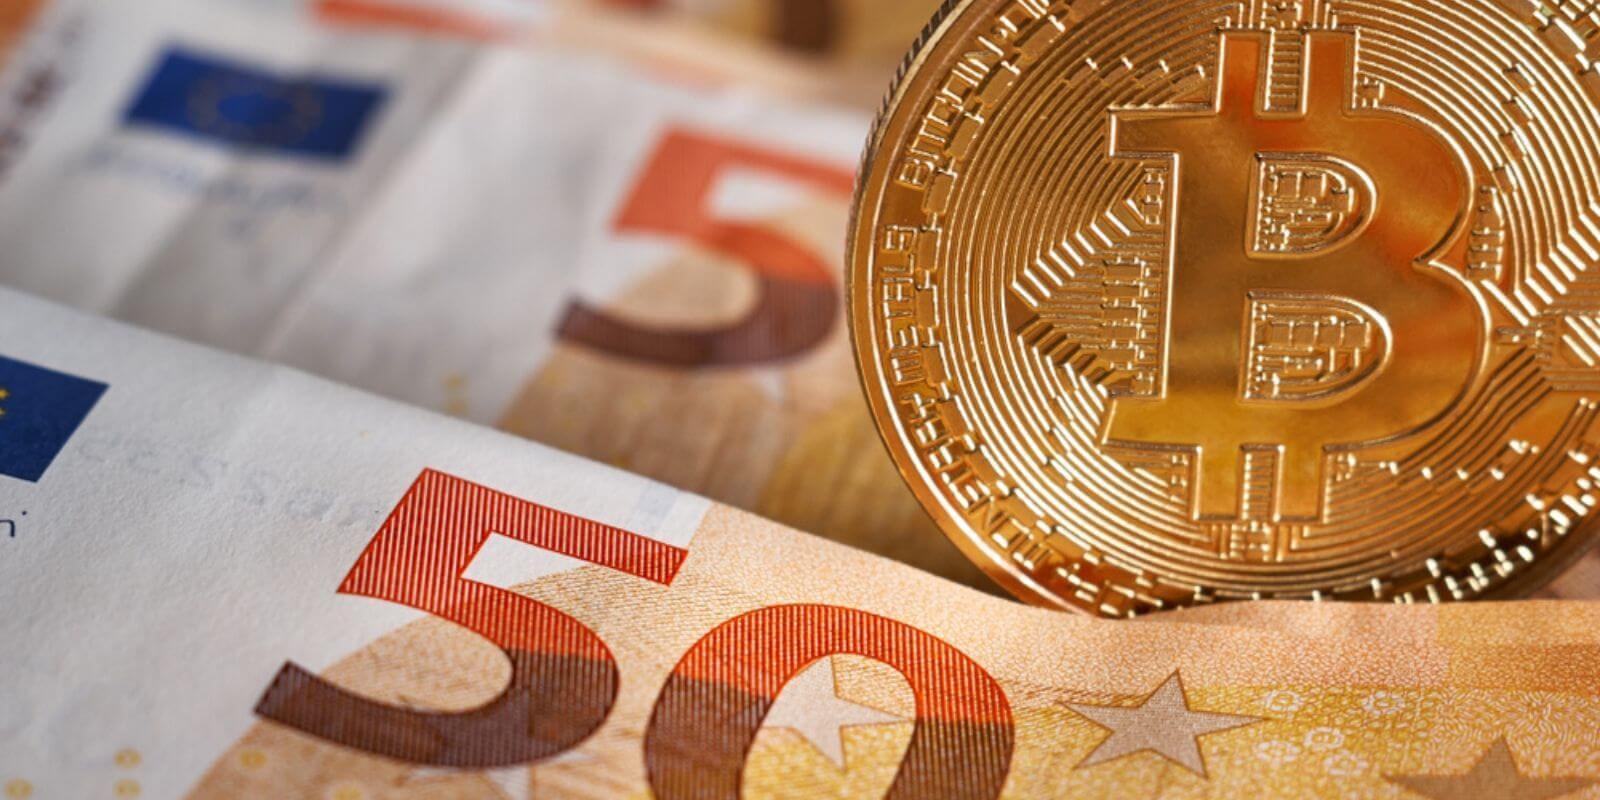 France: quelles sont les banques les plus favorables aux cryptos?